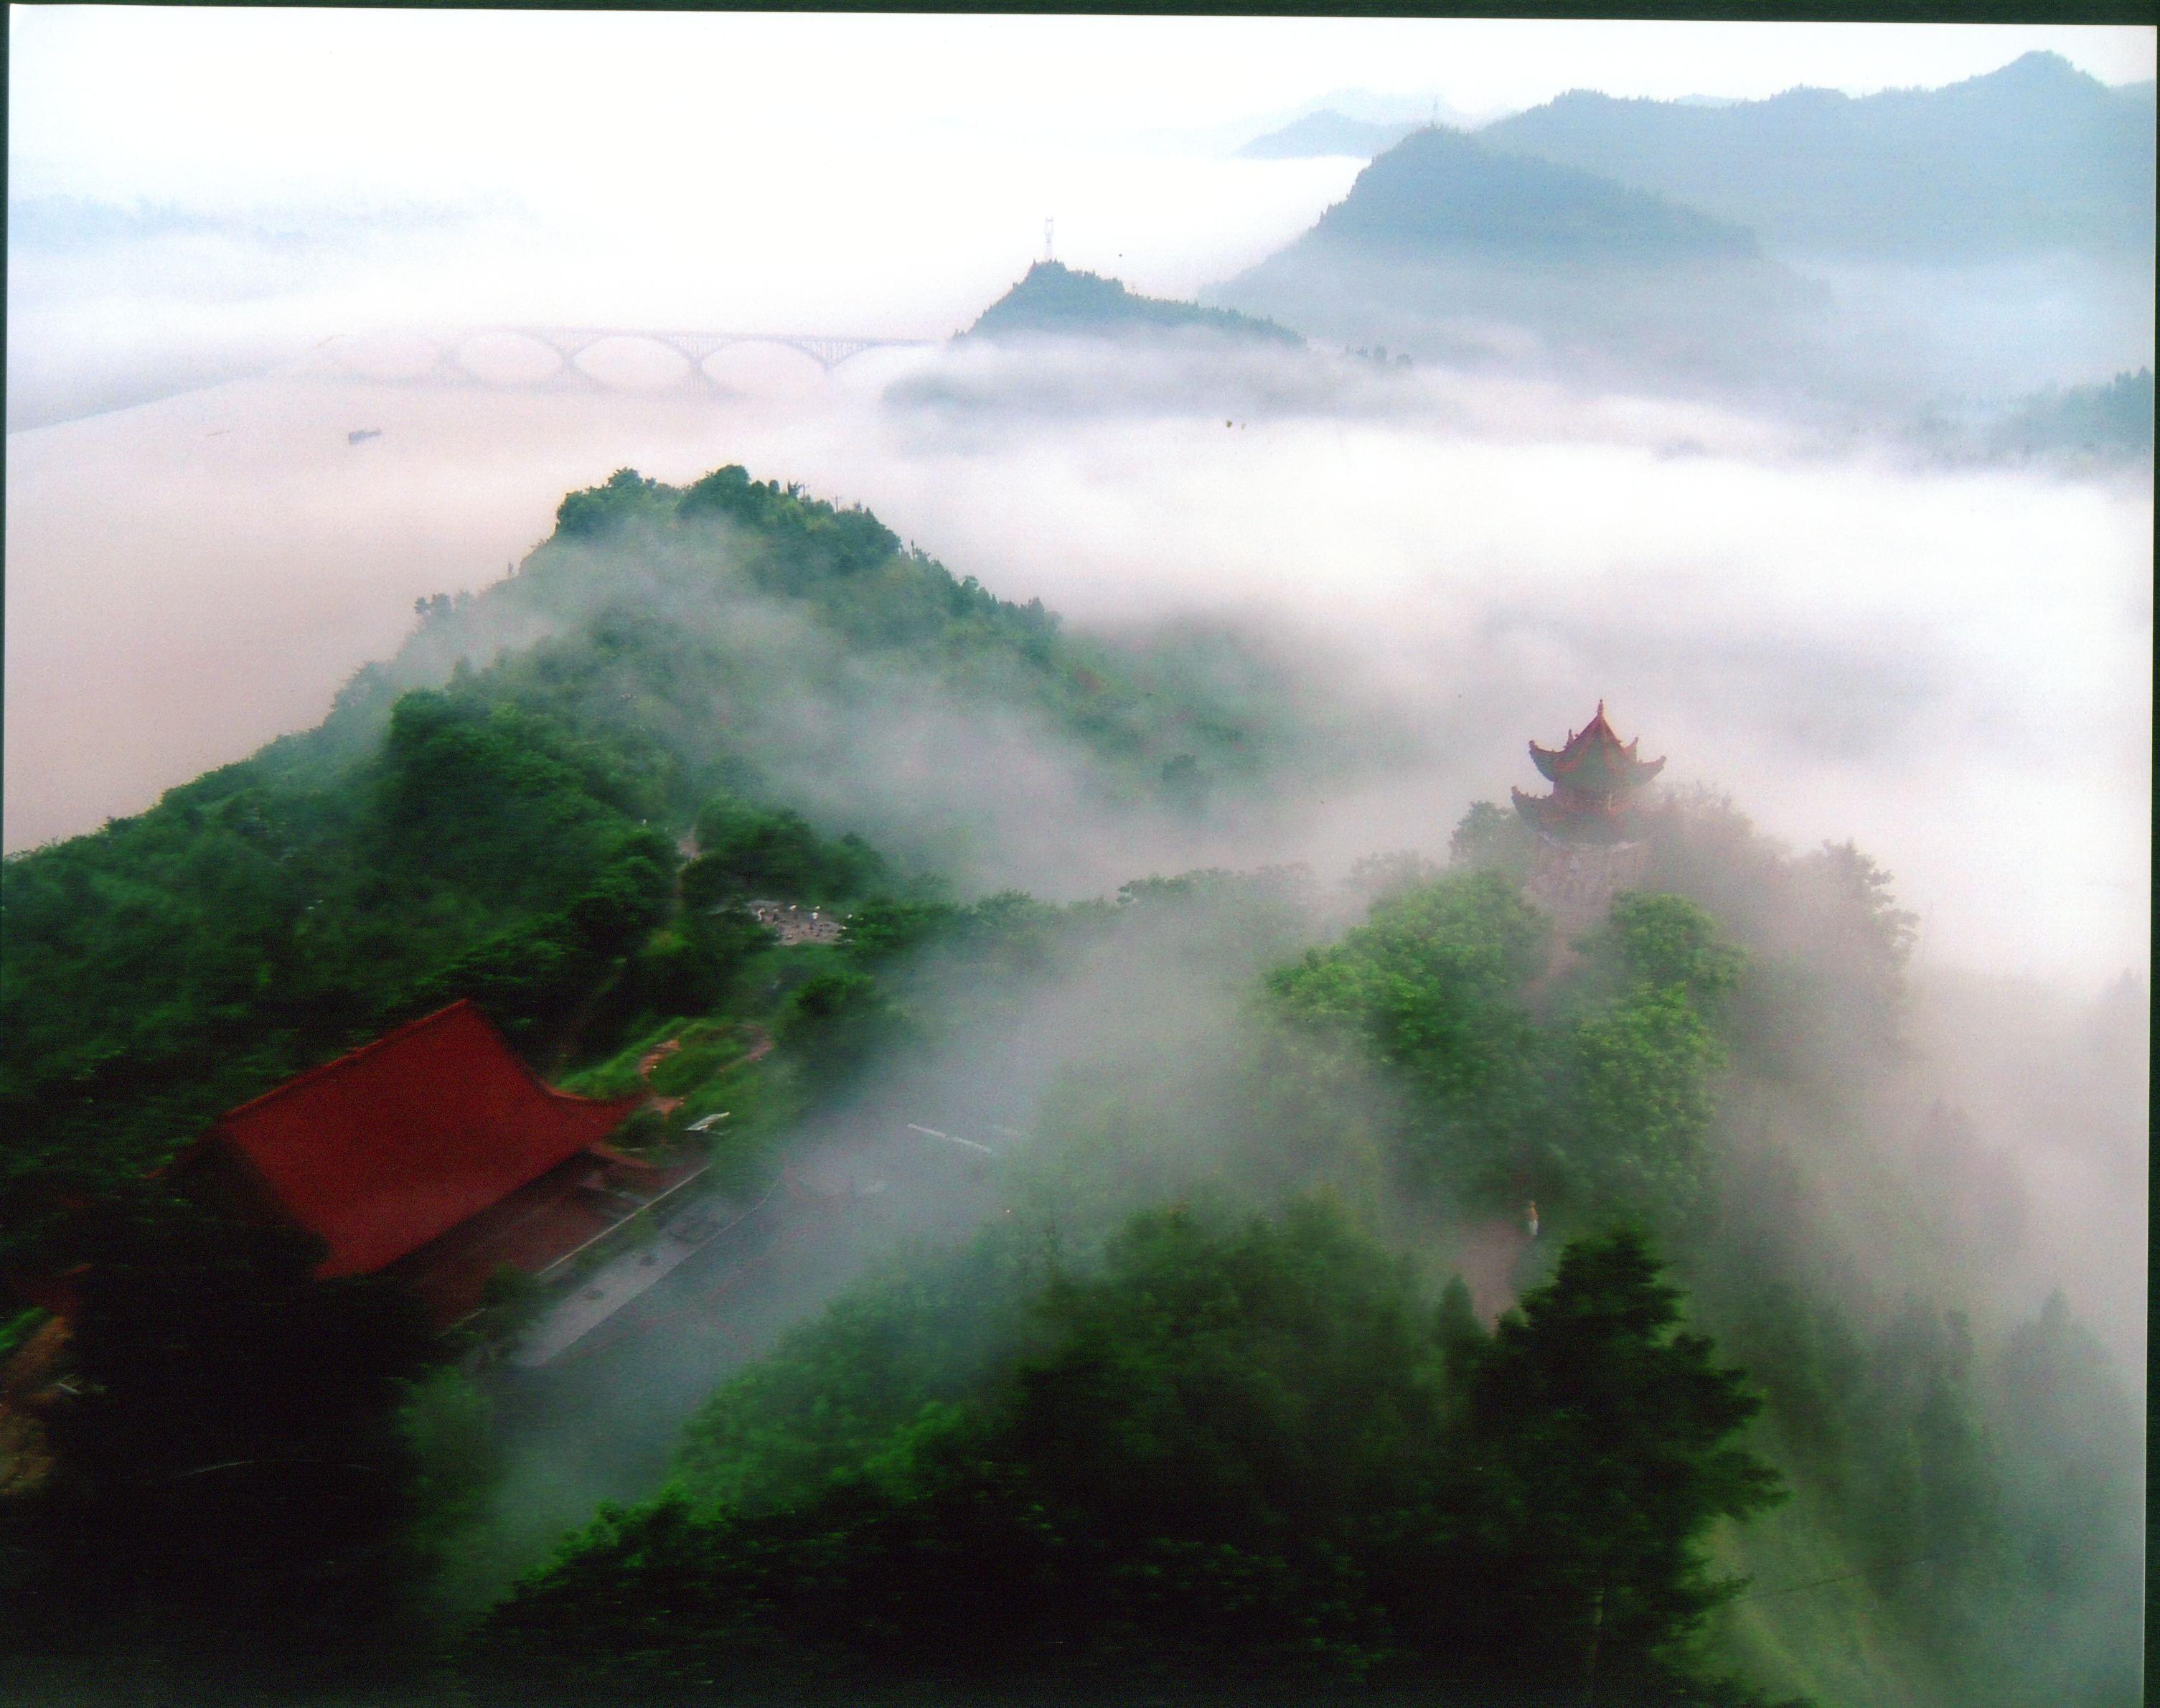 云南丽江跟团旅游多少钱-如果您想去丽江旅行,最好是和一群人一起去或者免